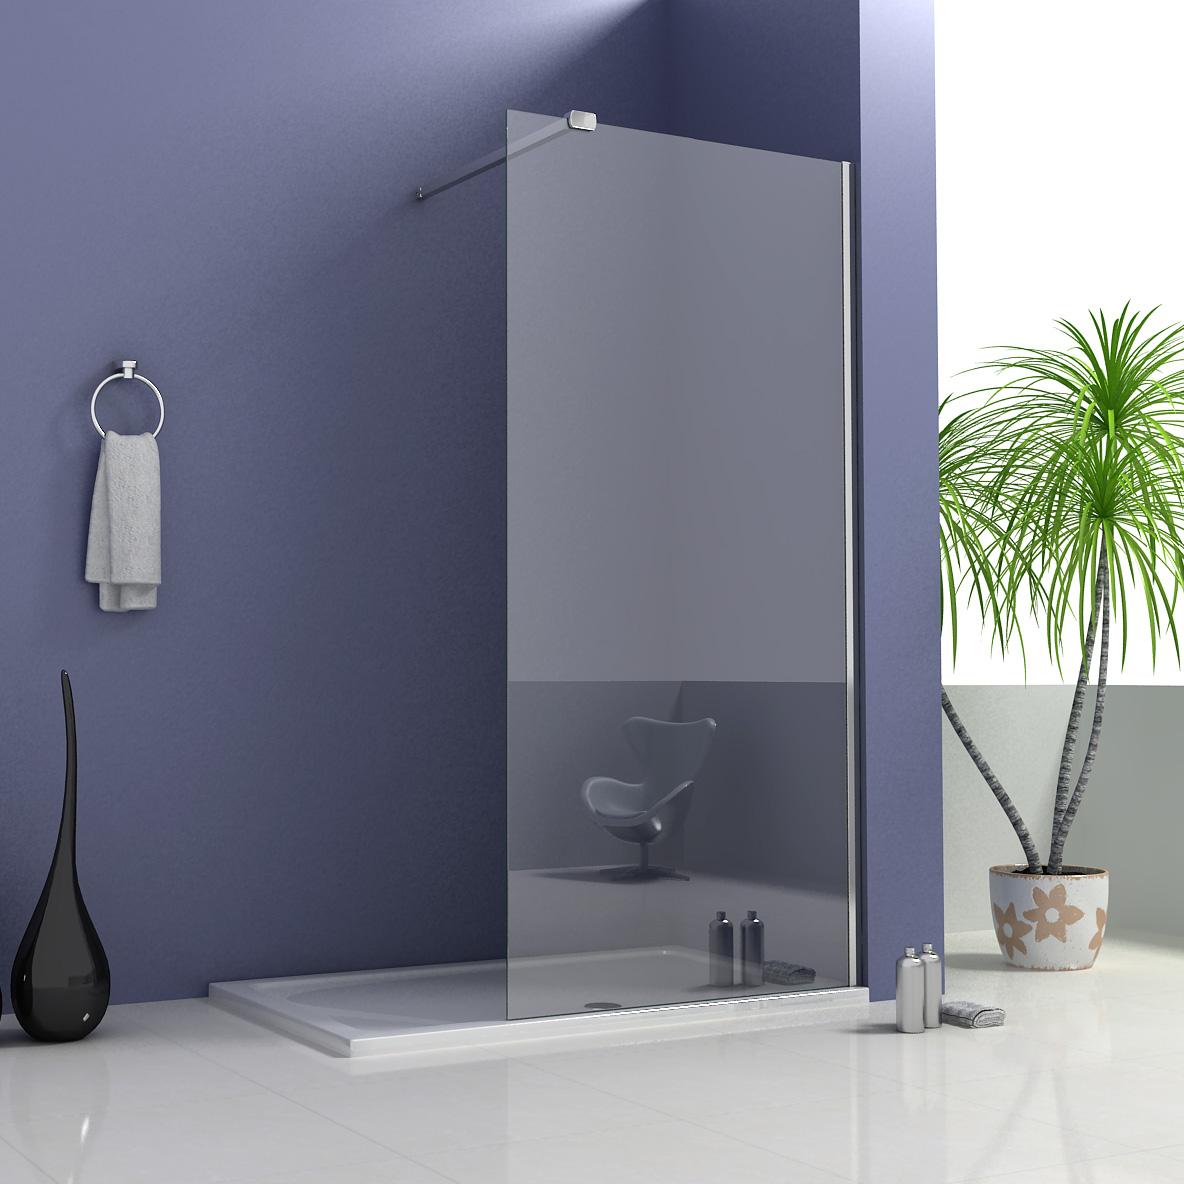 Walk In Shower Enclosure Luxury Wet Room Shower Enclosure Panel Walk In 8mm Easyclean Glass